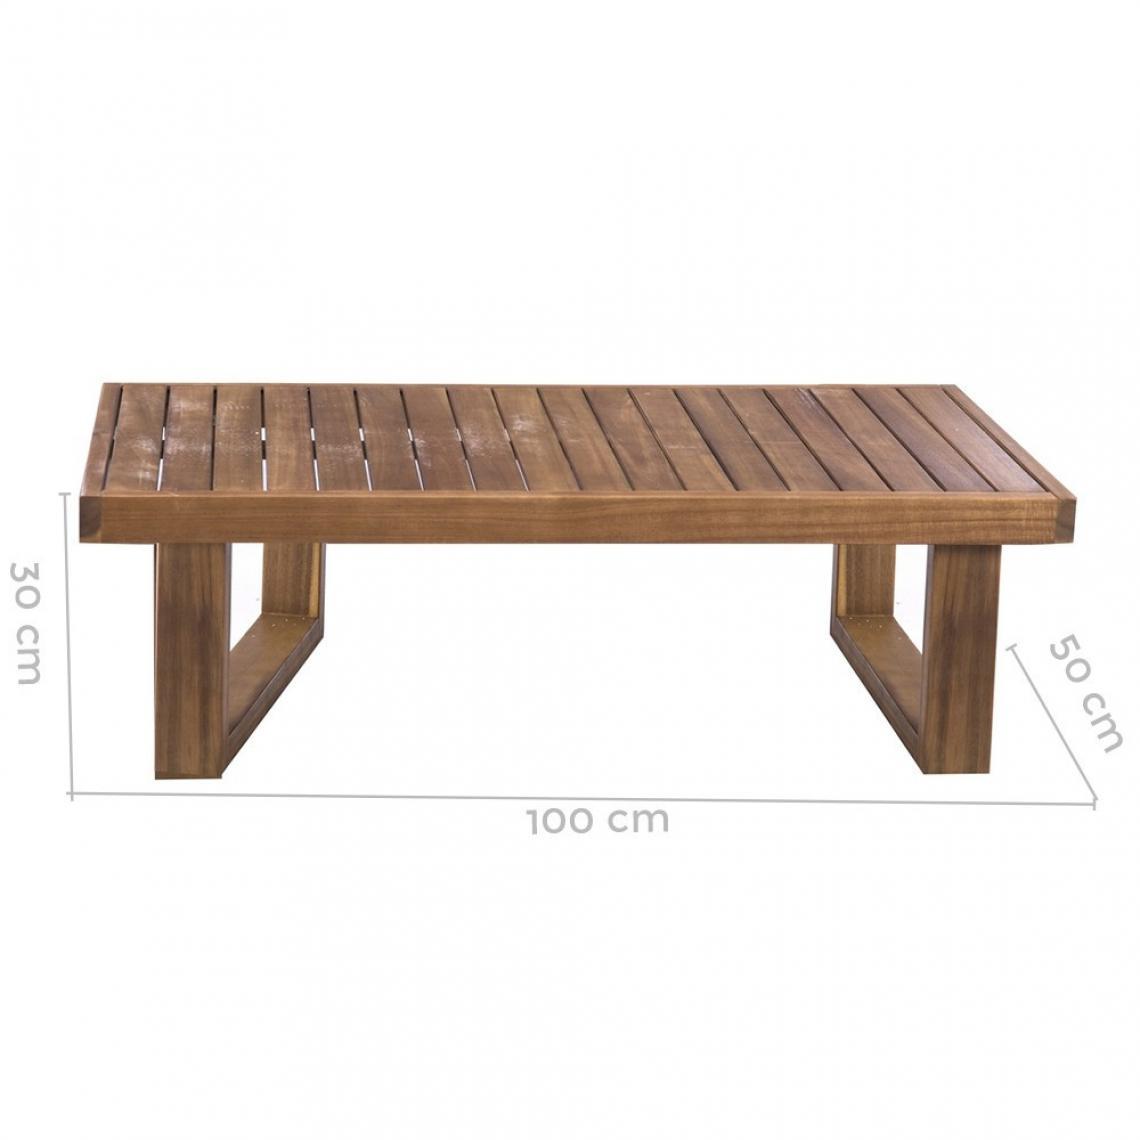 Table Basse Extérieur Teck Marron Luigo 3 Suisses